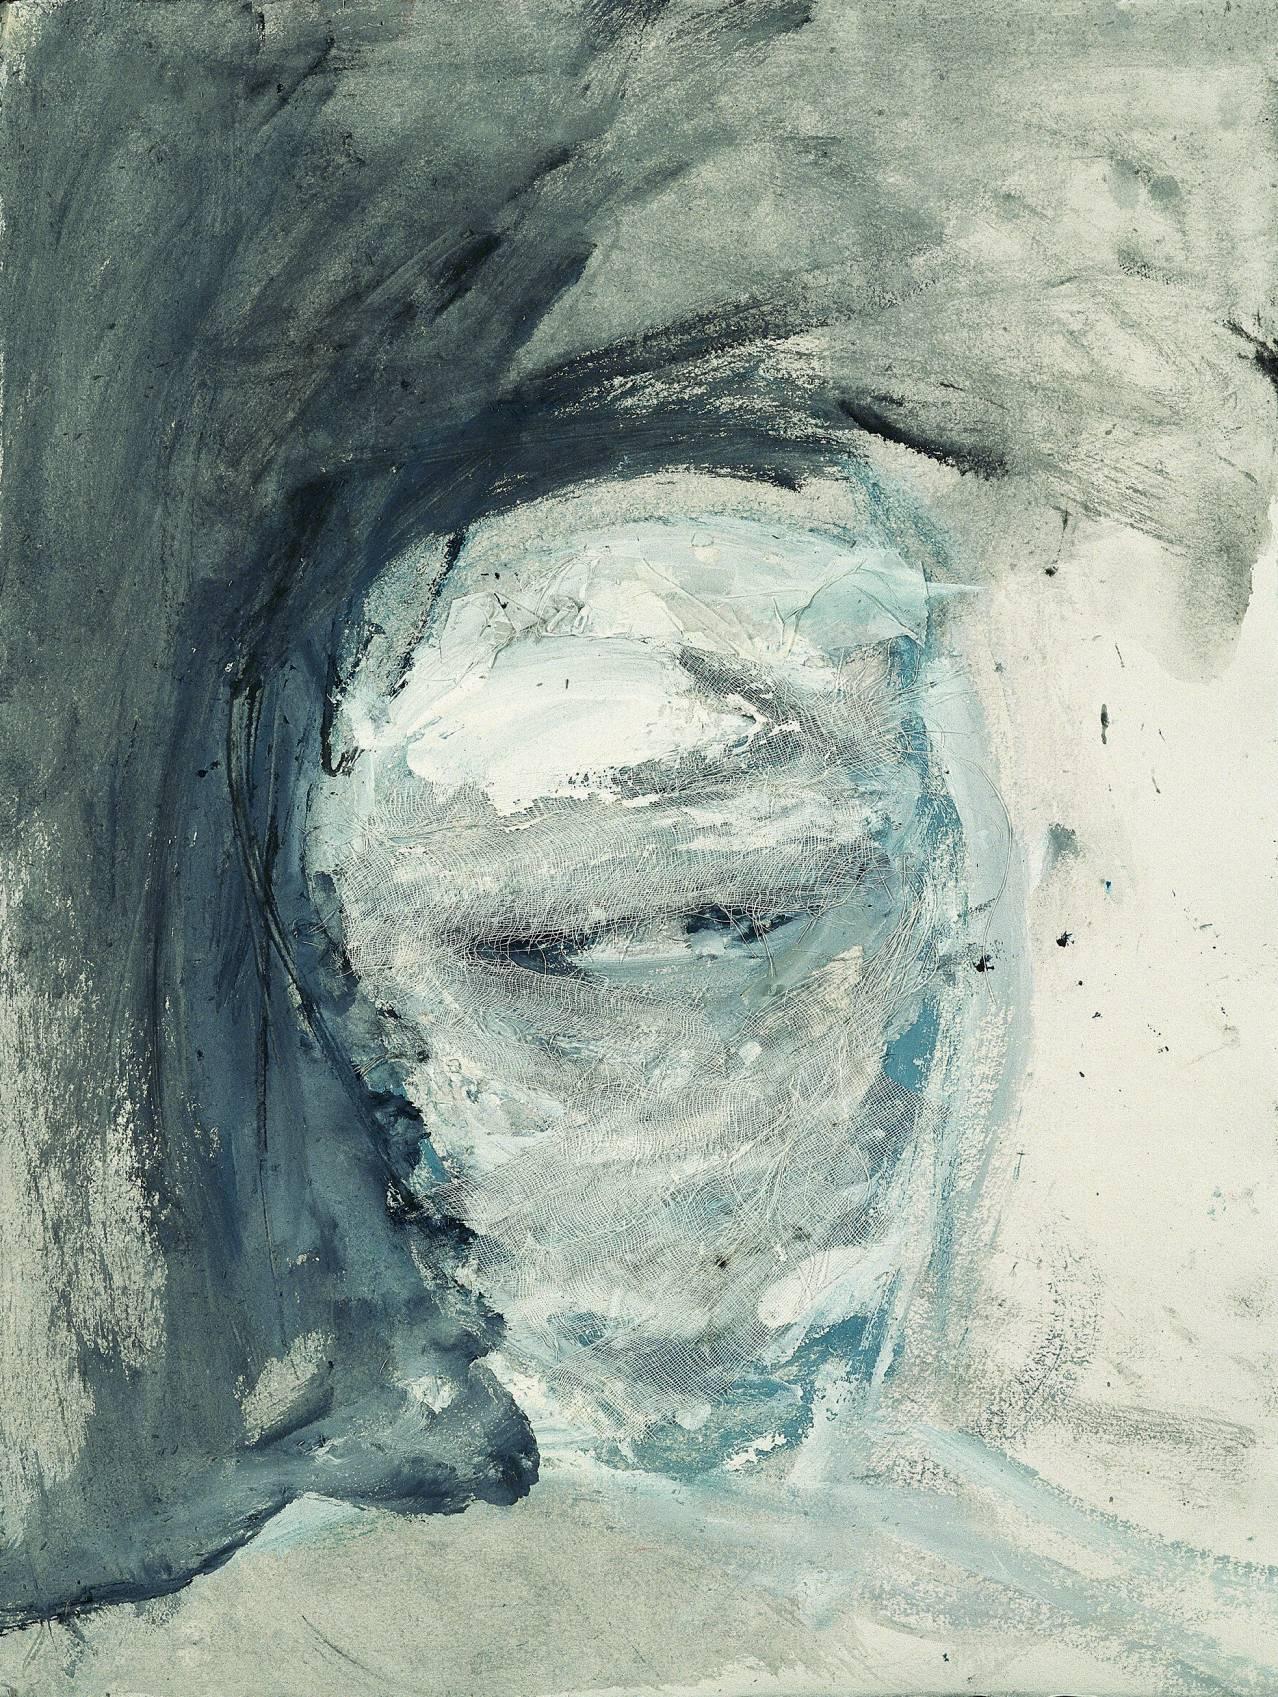 Fantasma nº2 (2002) - Rossana Zaera Clausell